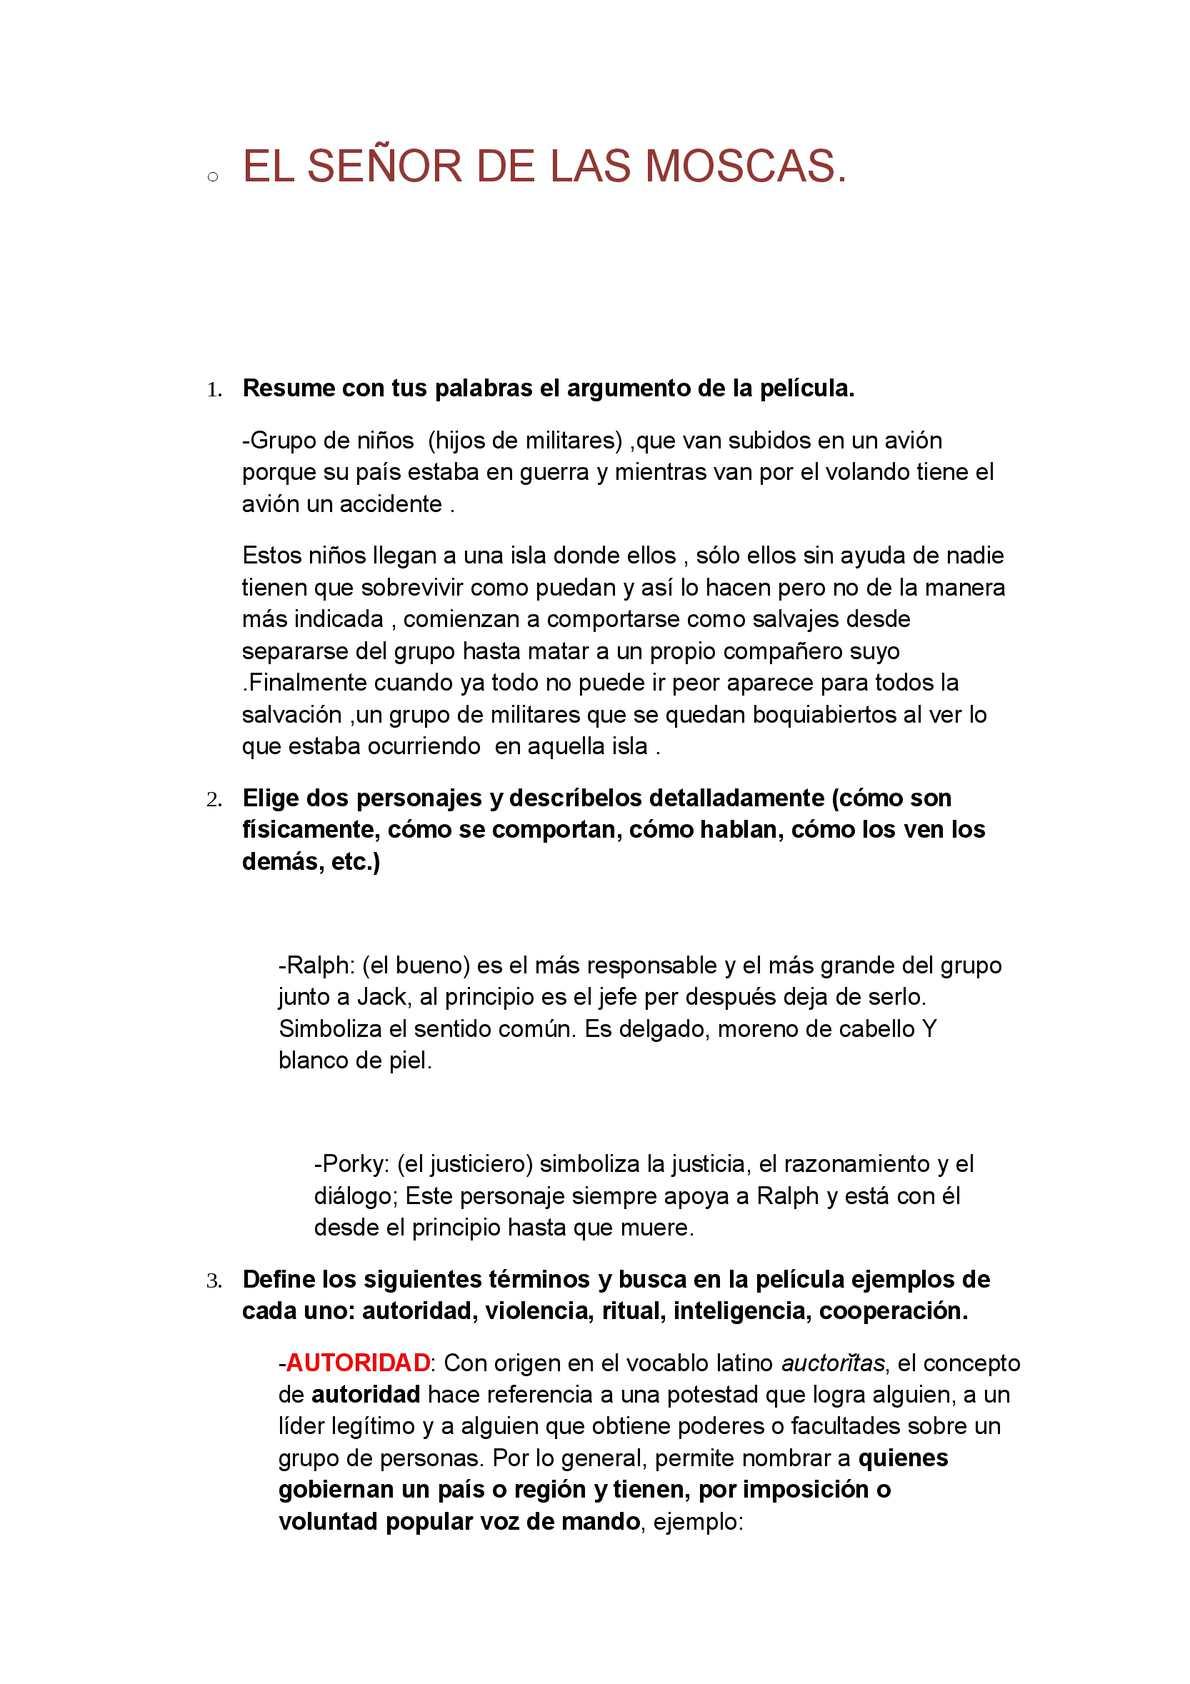 Calaméo - Cuestionario de la Película EL SEÑOR DE LAS MOSCAS.